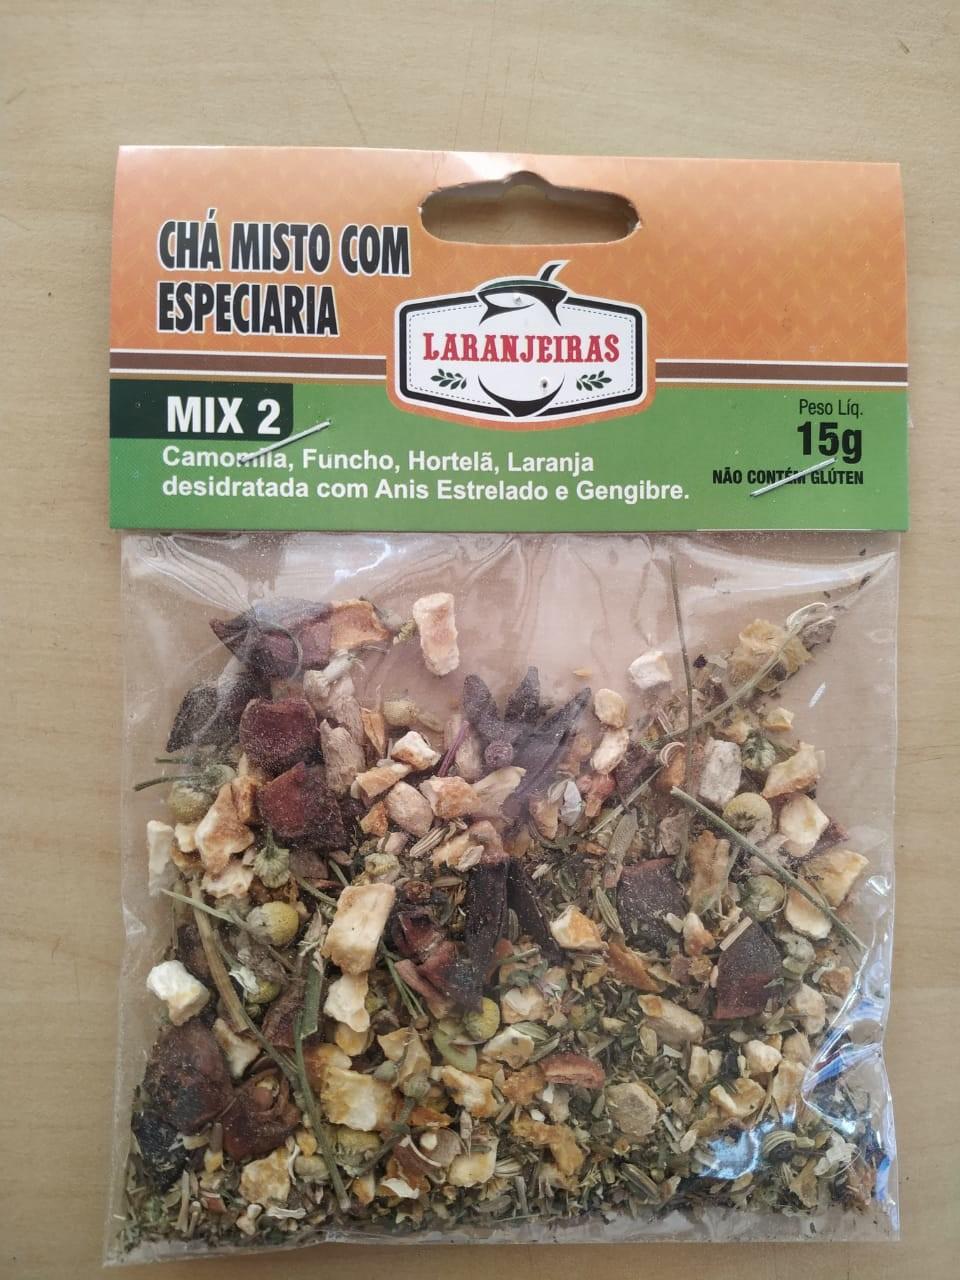 Chá Misto Com Especiarias - Mix 2 - 20 g - Mate Laranjeiras